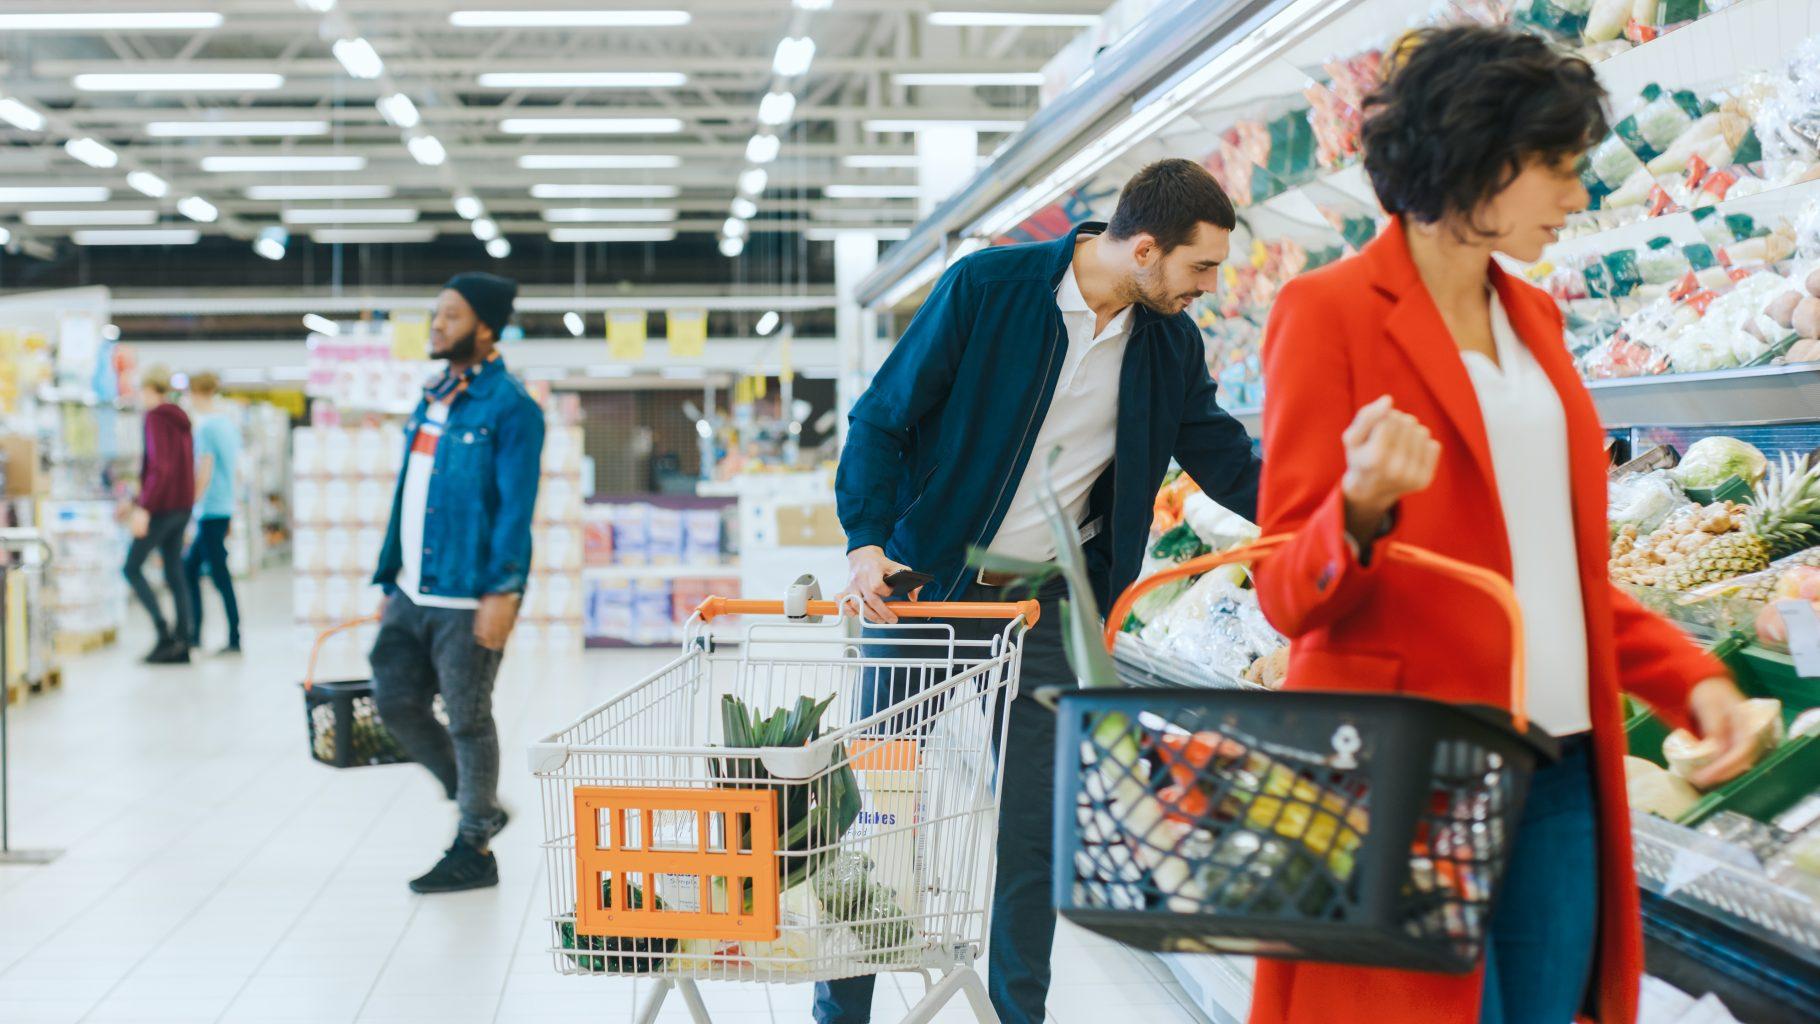 Personen bei Einkaufen im Supermarkt